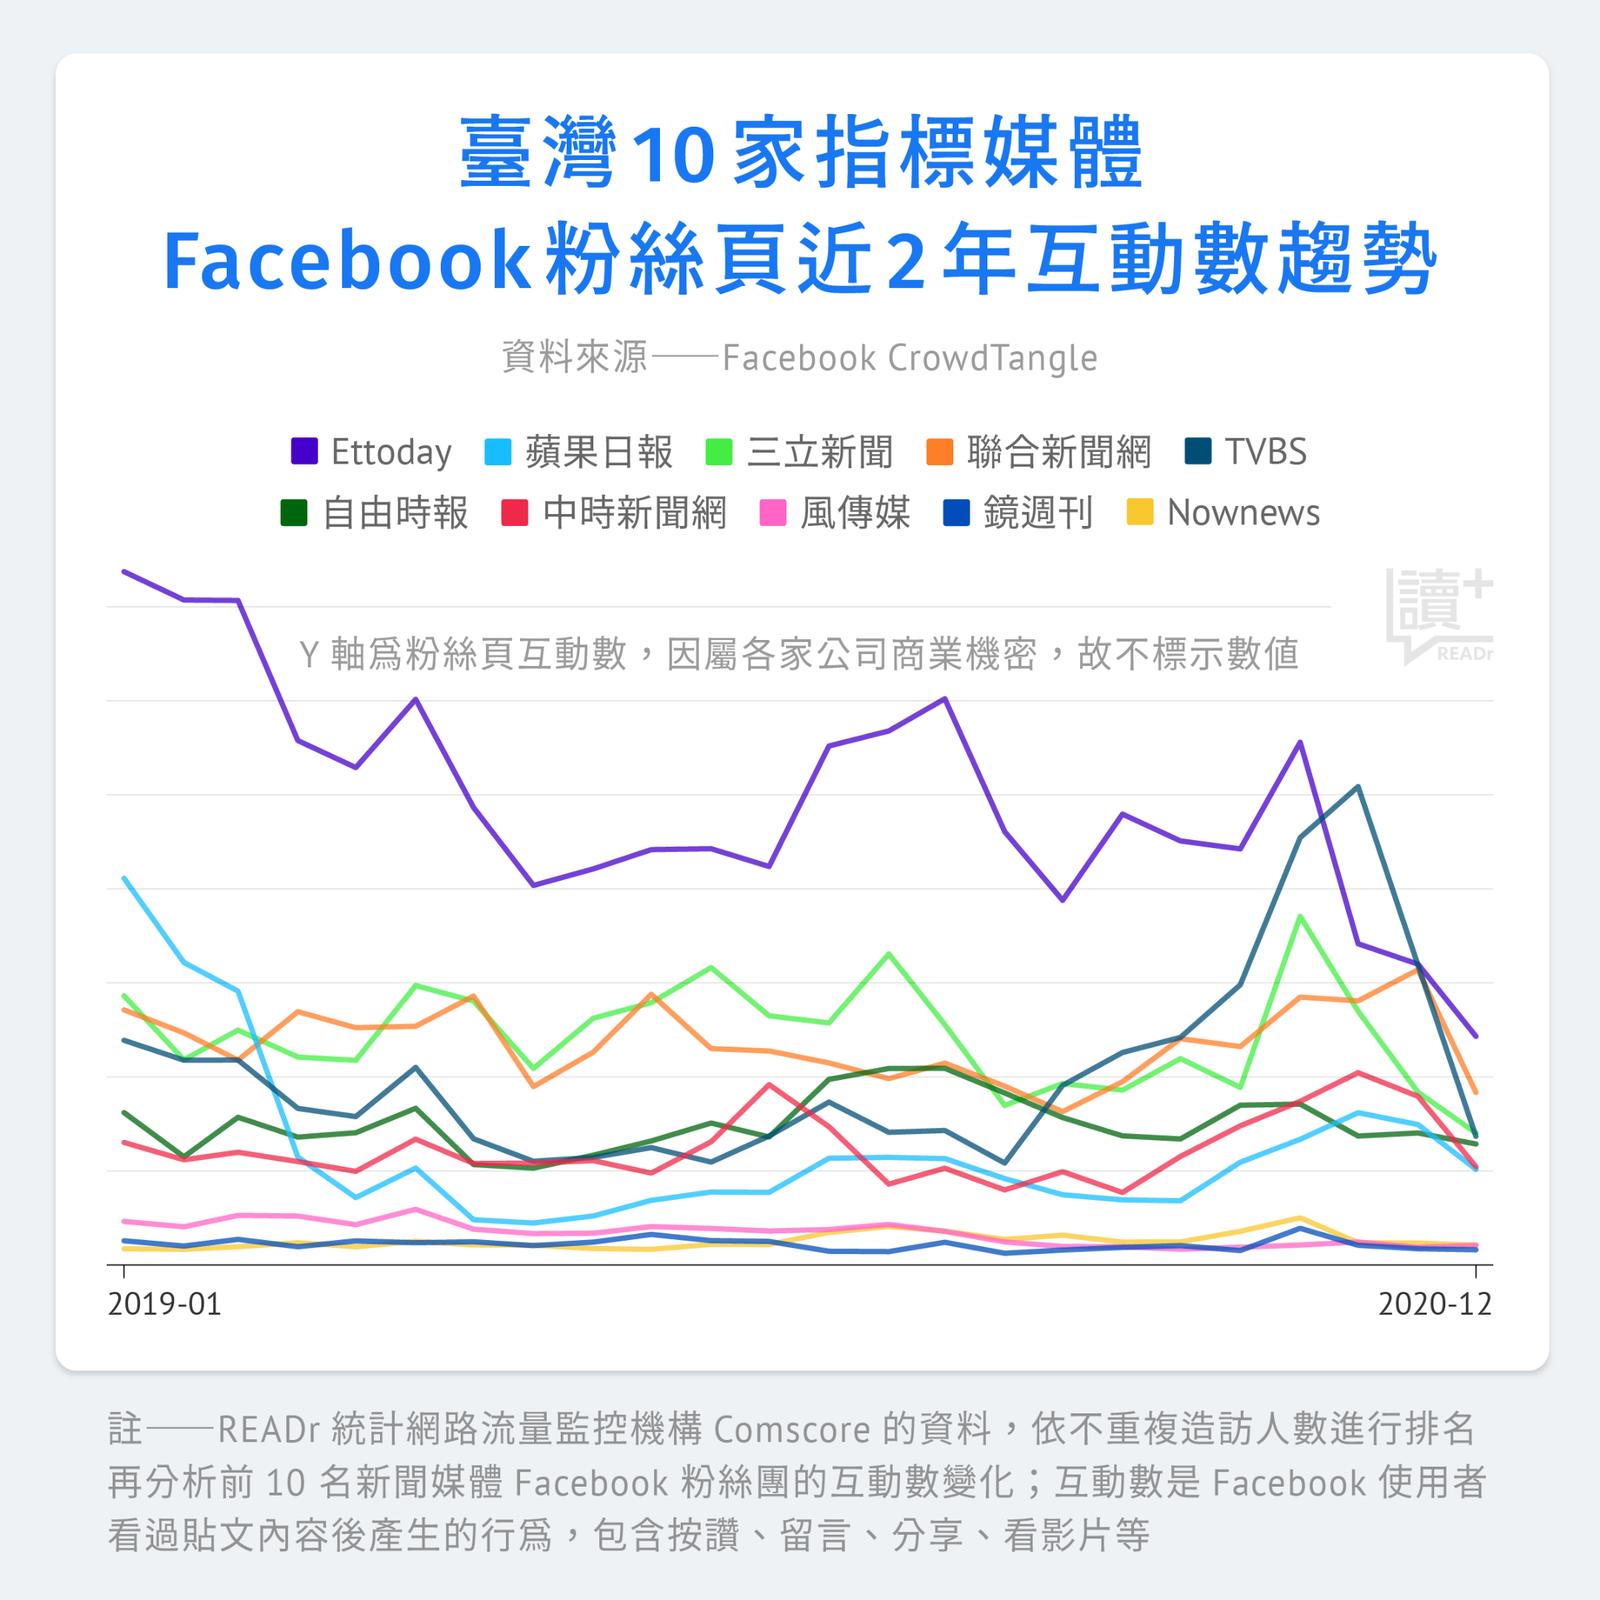 台灣 10 家指標媒體 Facebook 粉絲頁近 2 年互動趨勢